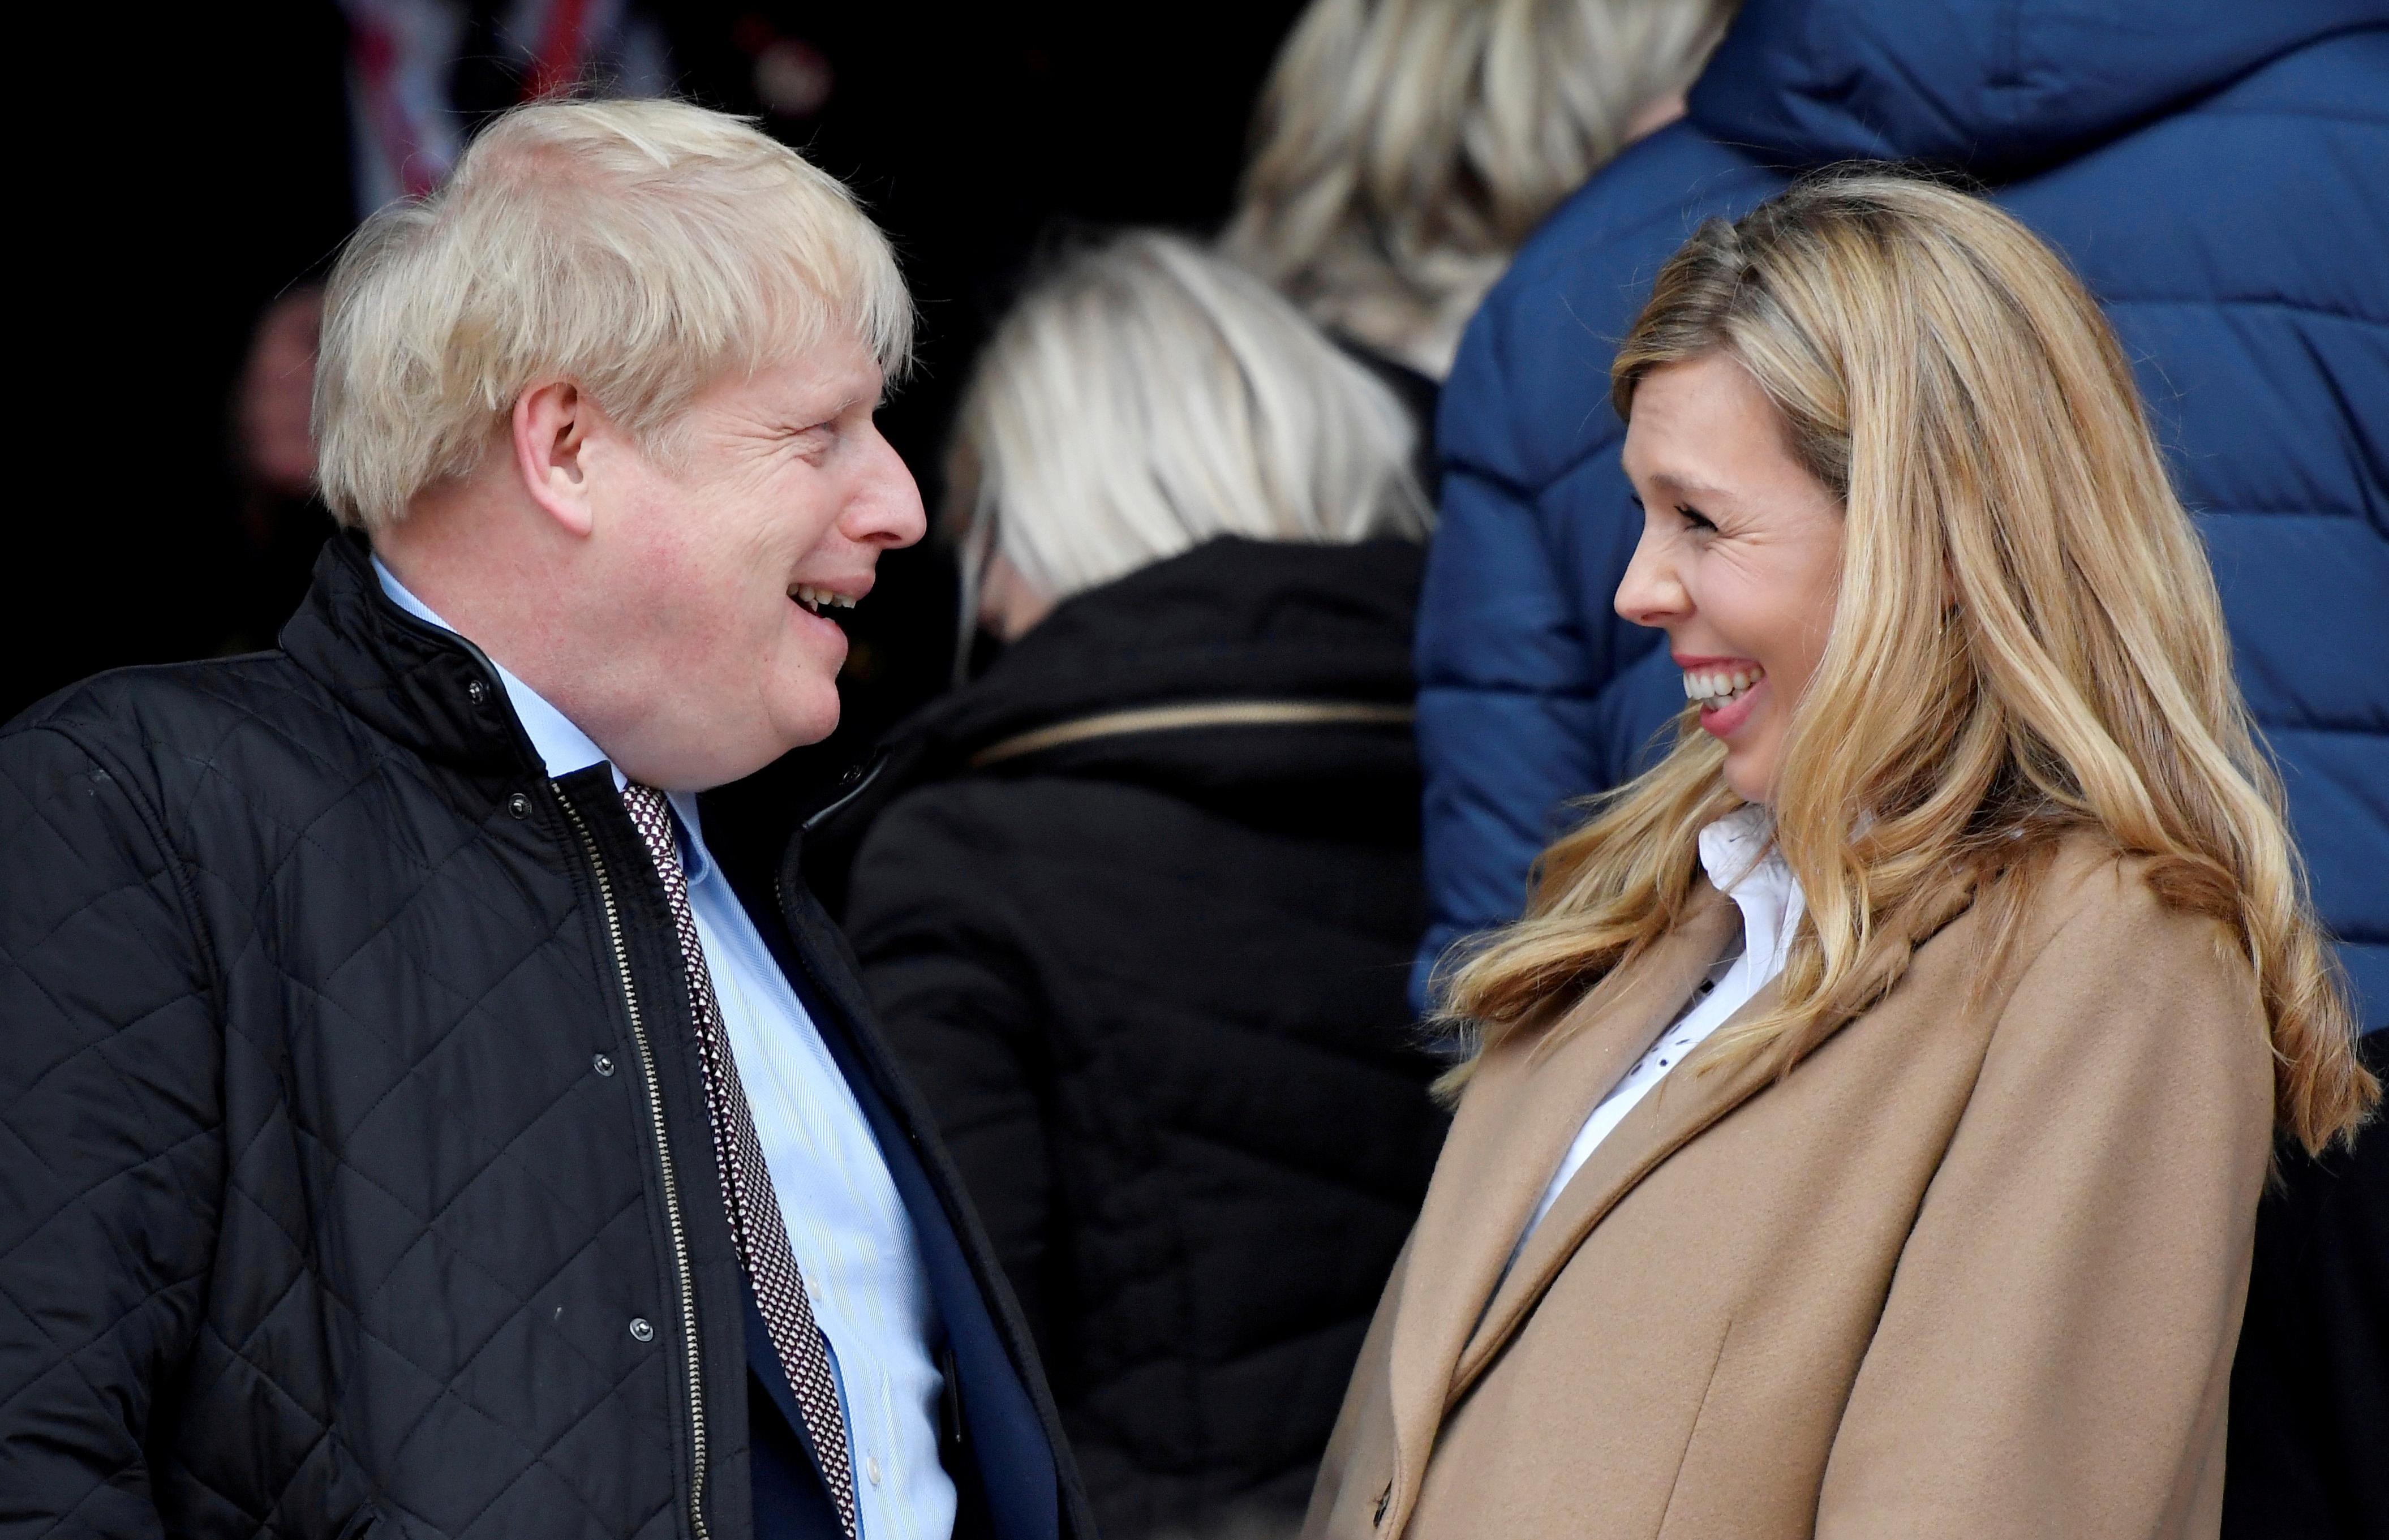 C'est un garçon: le Premier ministre britannique Johnson et sa fiancée ravis de la naissance de leur fils